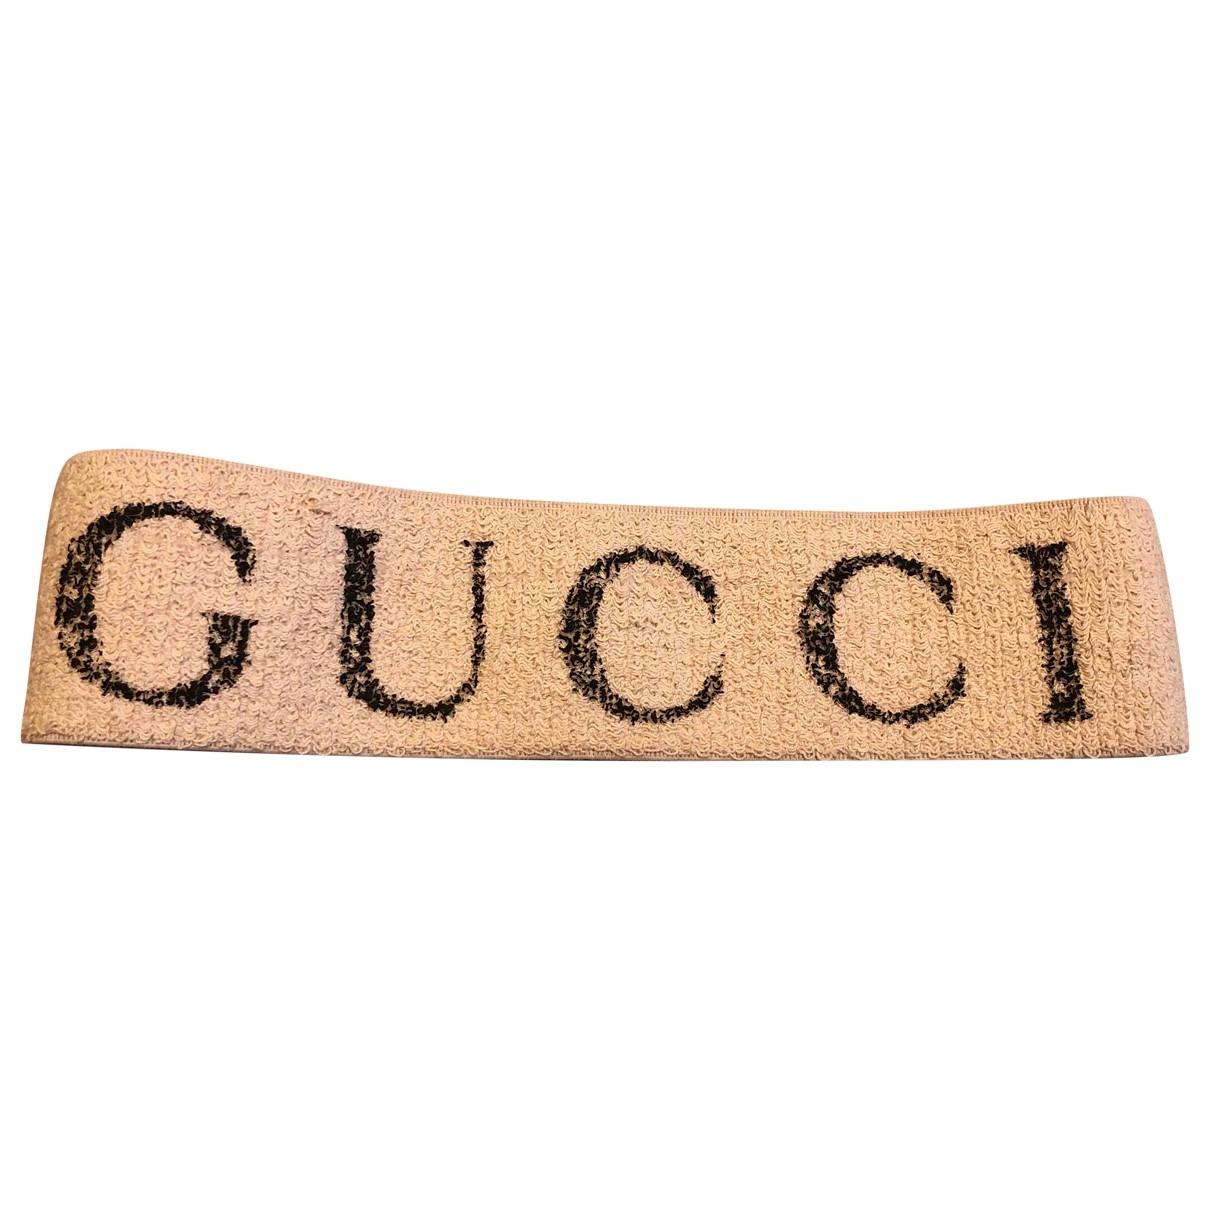 Gucci - Bijoux de tete   pour femme en toile - beige